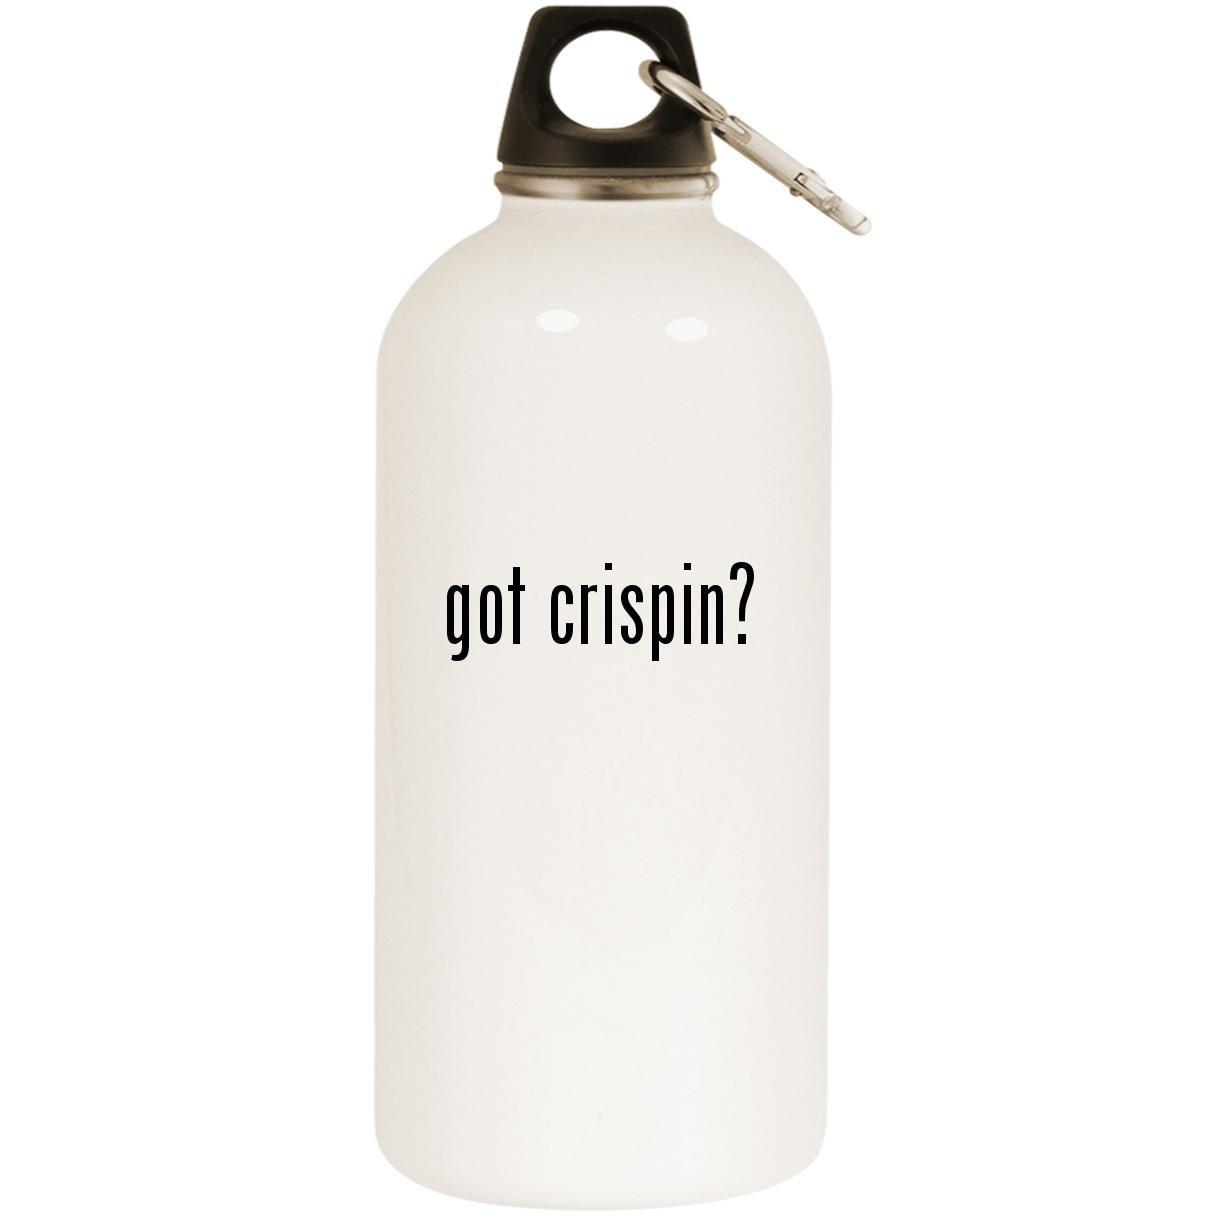 贈り物 Got – Crispin – Got ホワイト20ozステンレススチールウォーターボトルカラビナ B0741FZB9J B0741FZB9J, オーダーシャツのフェールムラカミ:139eb7c9 --- arianechie.dominiotemporario.com